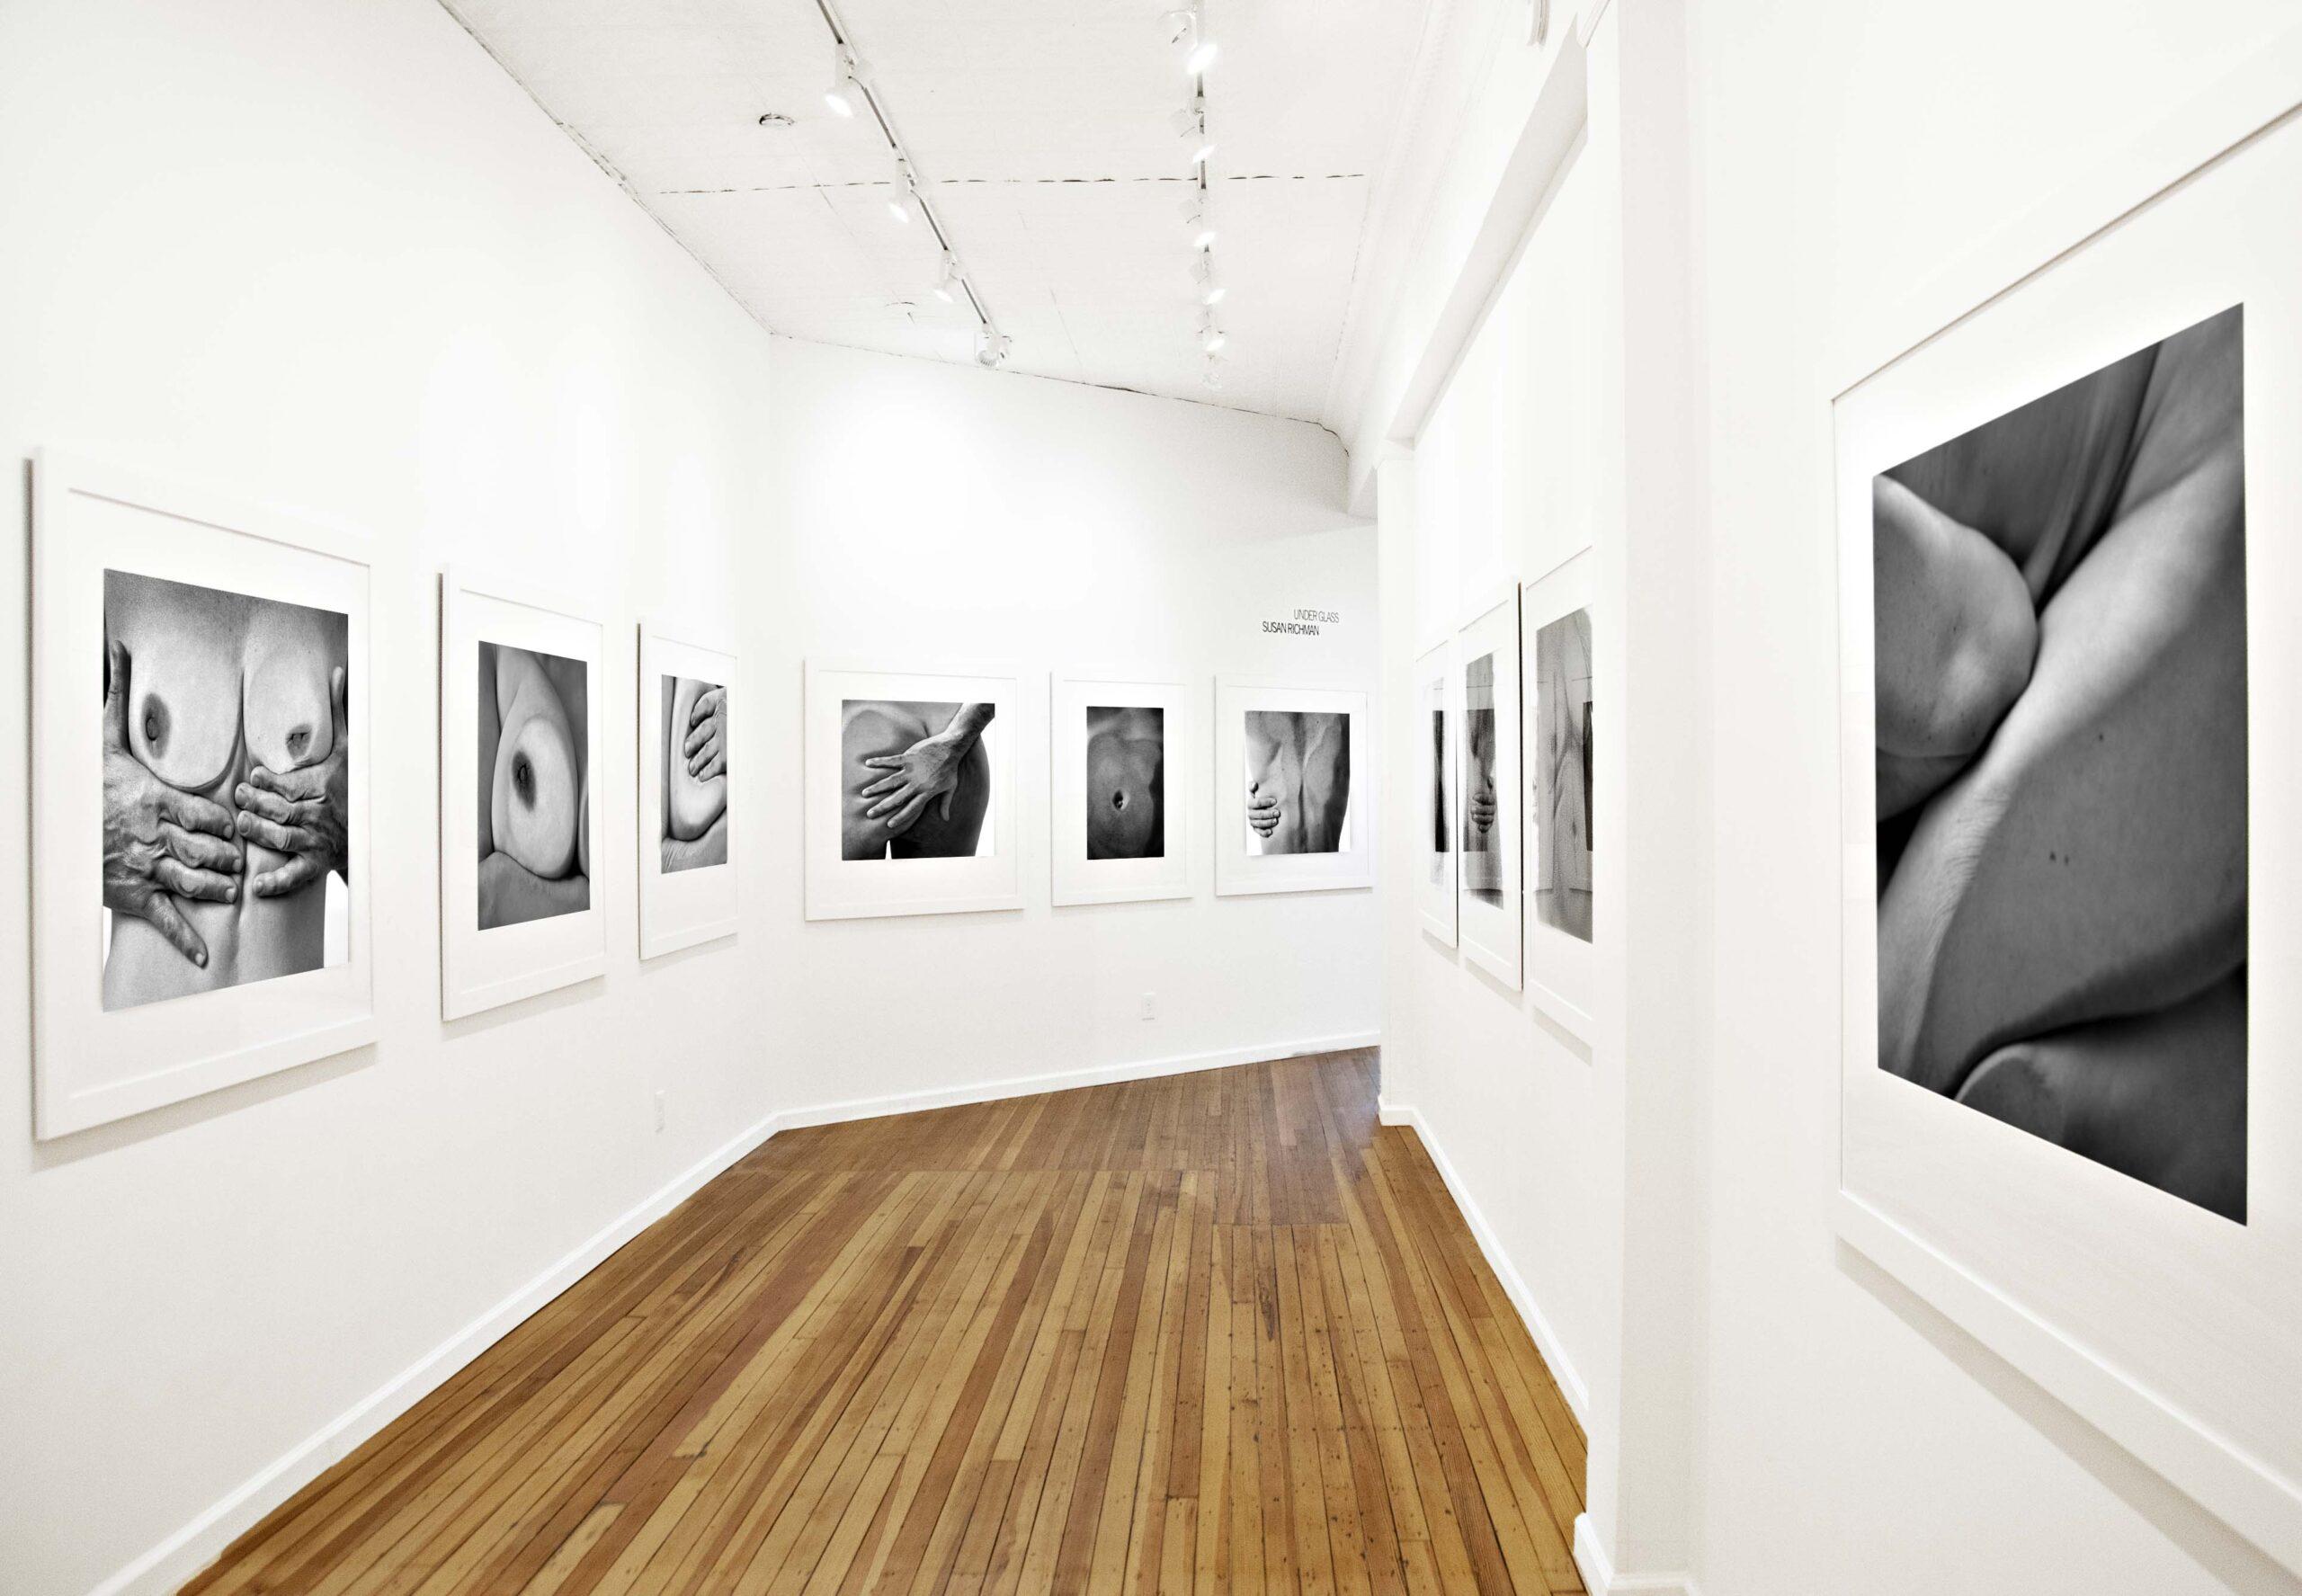 Under Glass, Upstream Gallery Exhibition- View 2